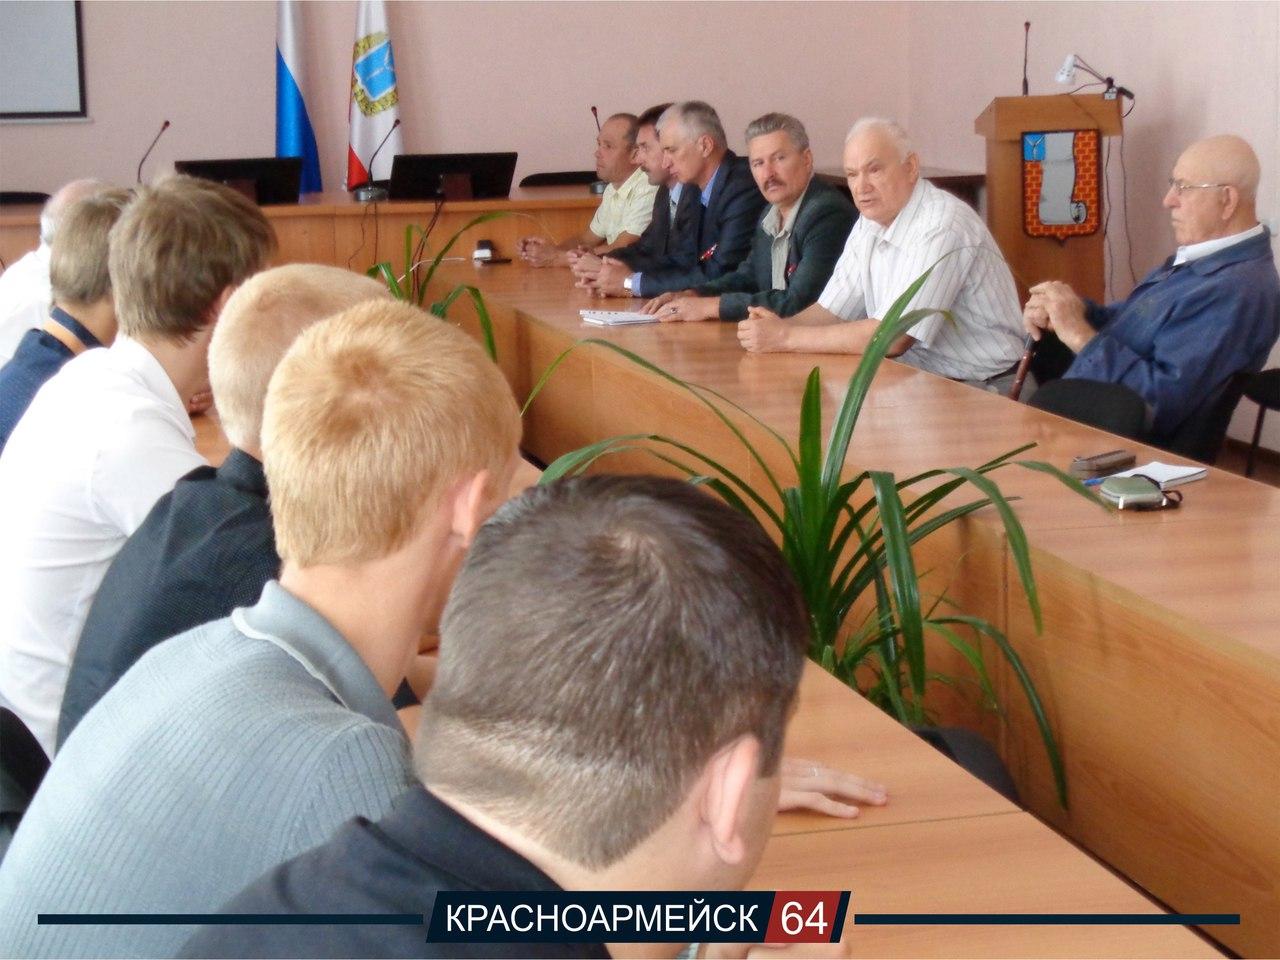 Участники встречи, состоявшейся в канун Дня города в администрации района